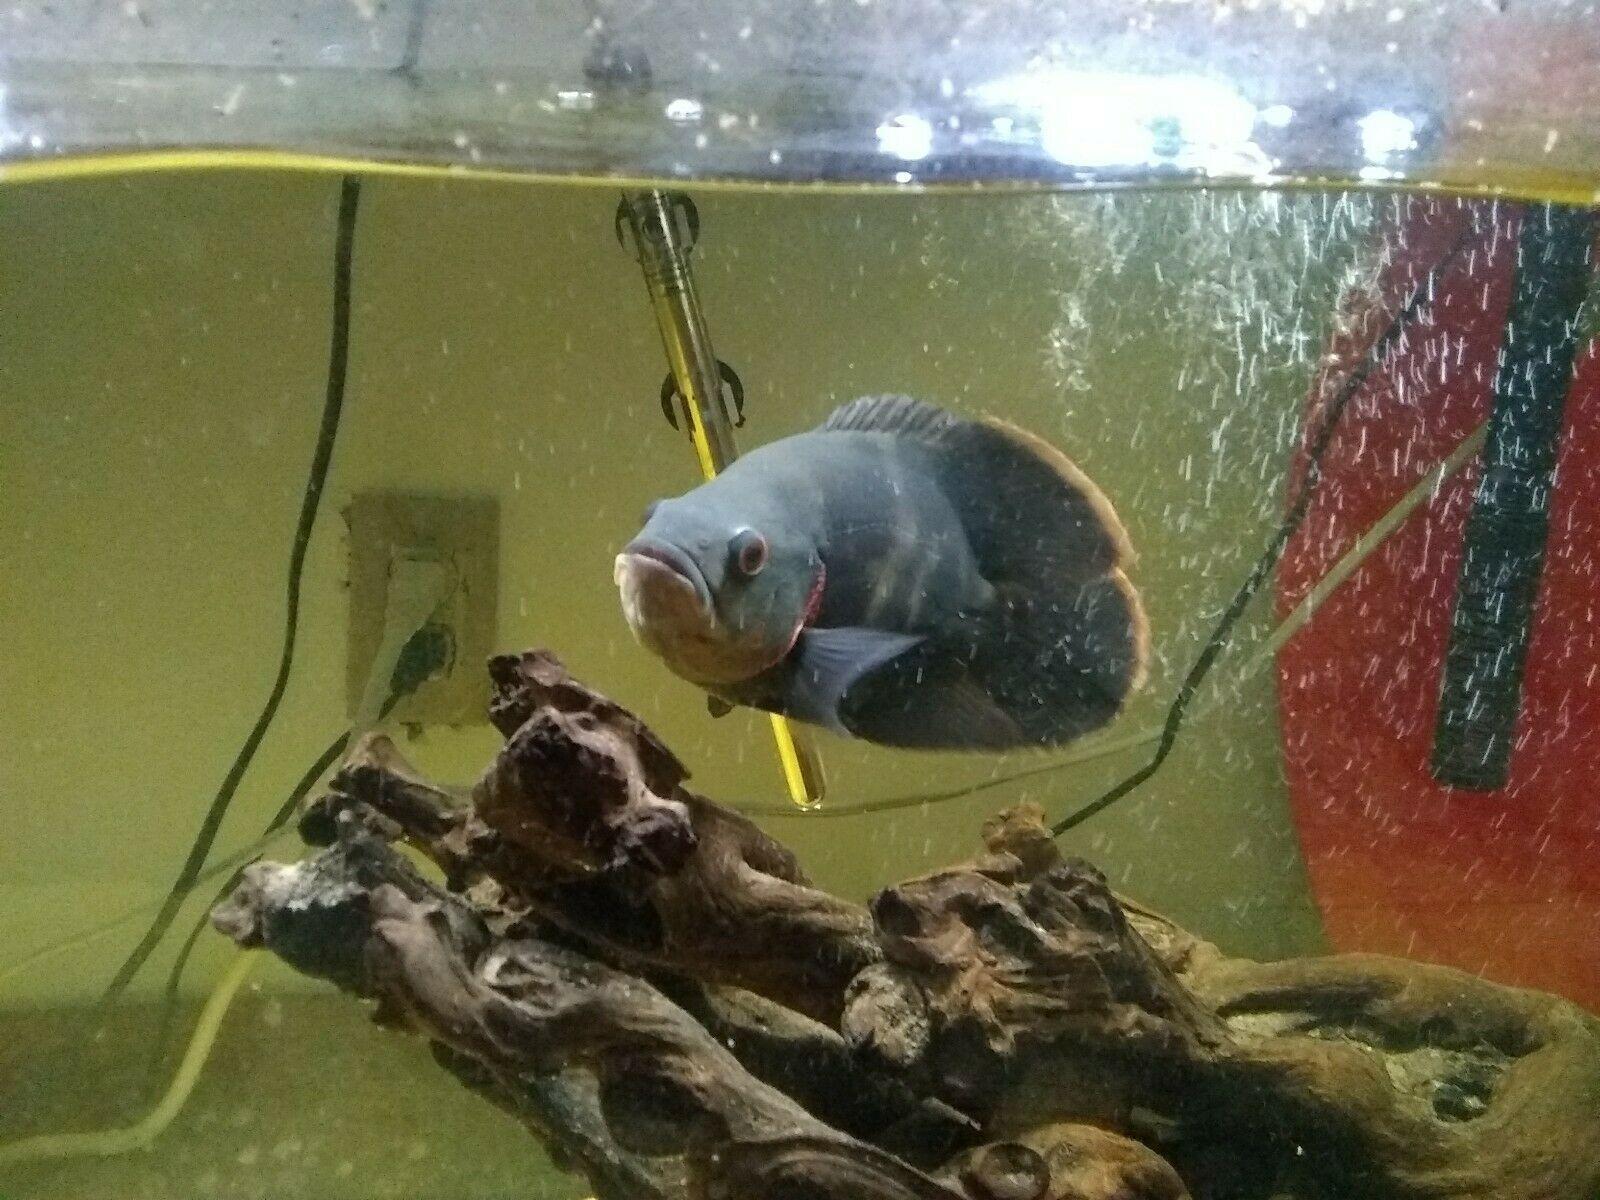 9 Tiger Oscar Oscar Fish Oscar Fish For Sale Tropical Freshwater Fish